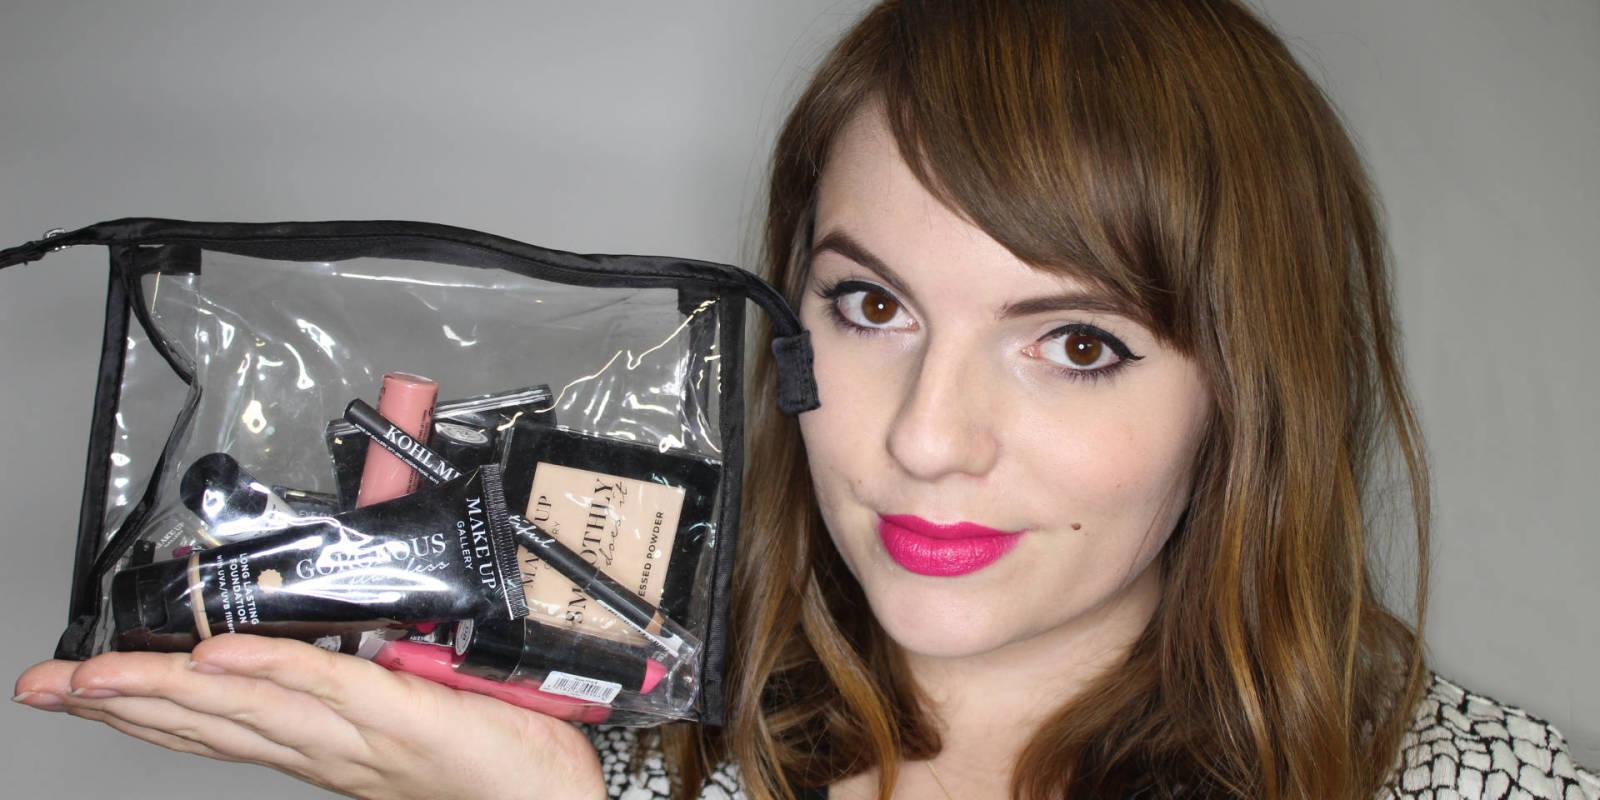 nrm_1413910431-poundland_makeup_review.jpg